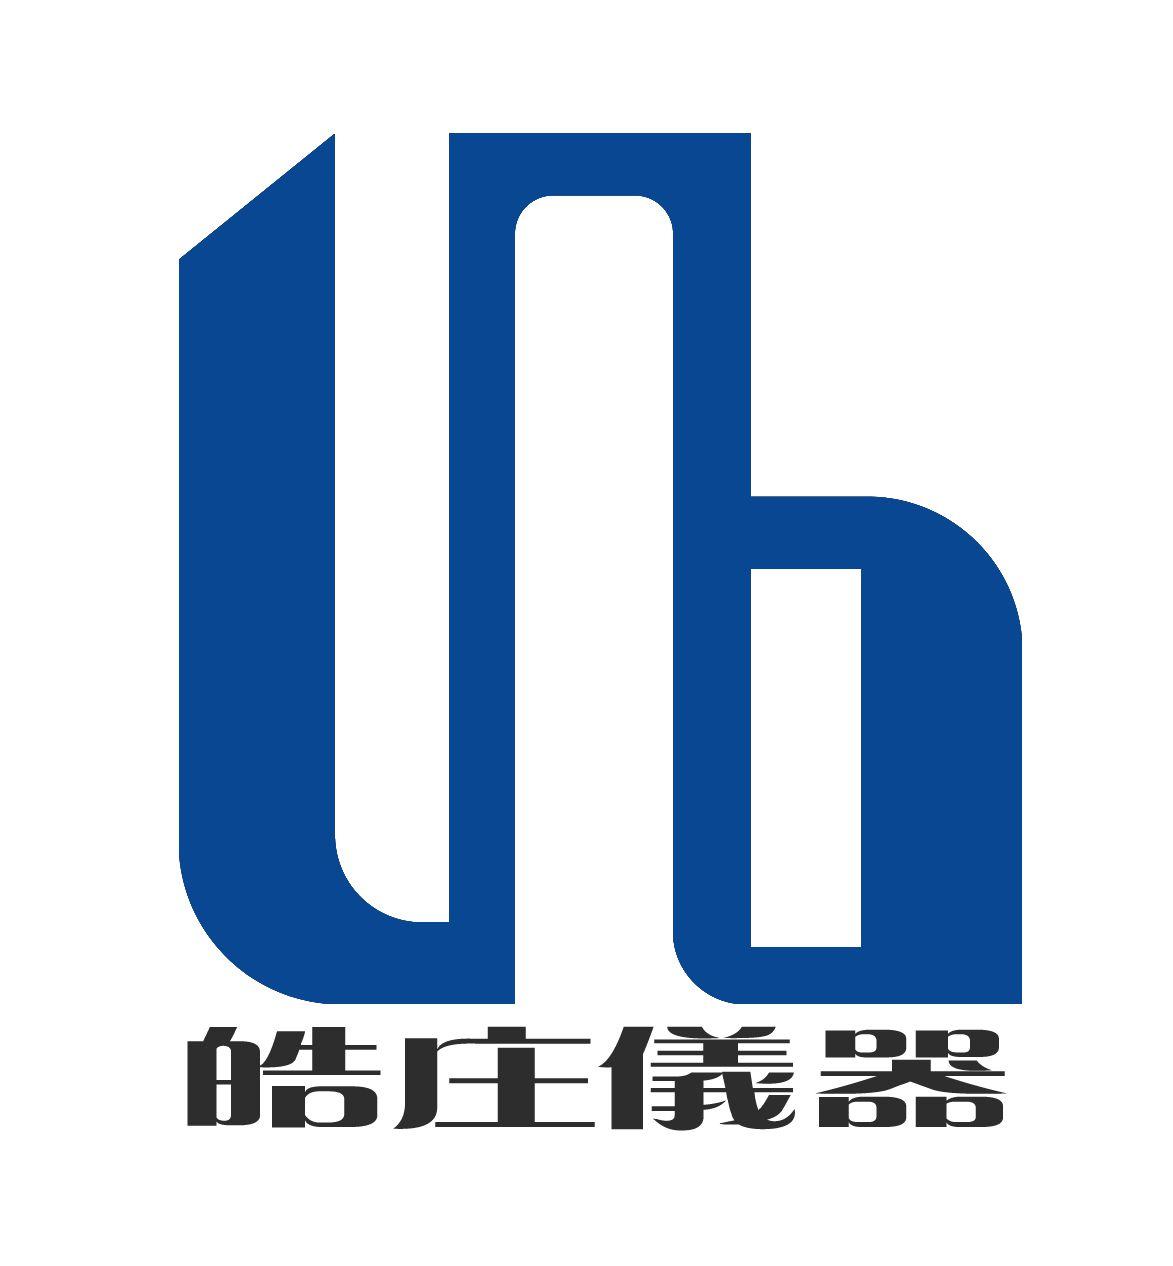 logo logo 标志 设计 矢量 矢量图 素材 图标 1173_1266